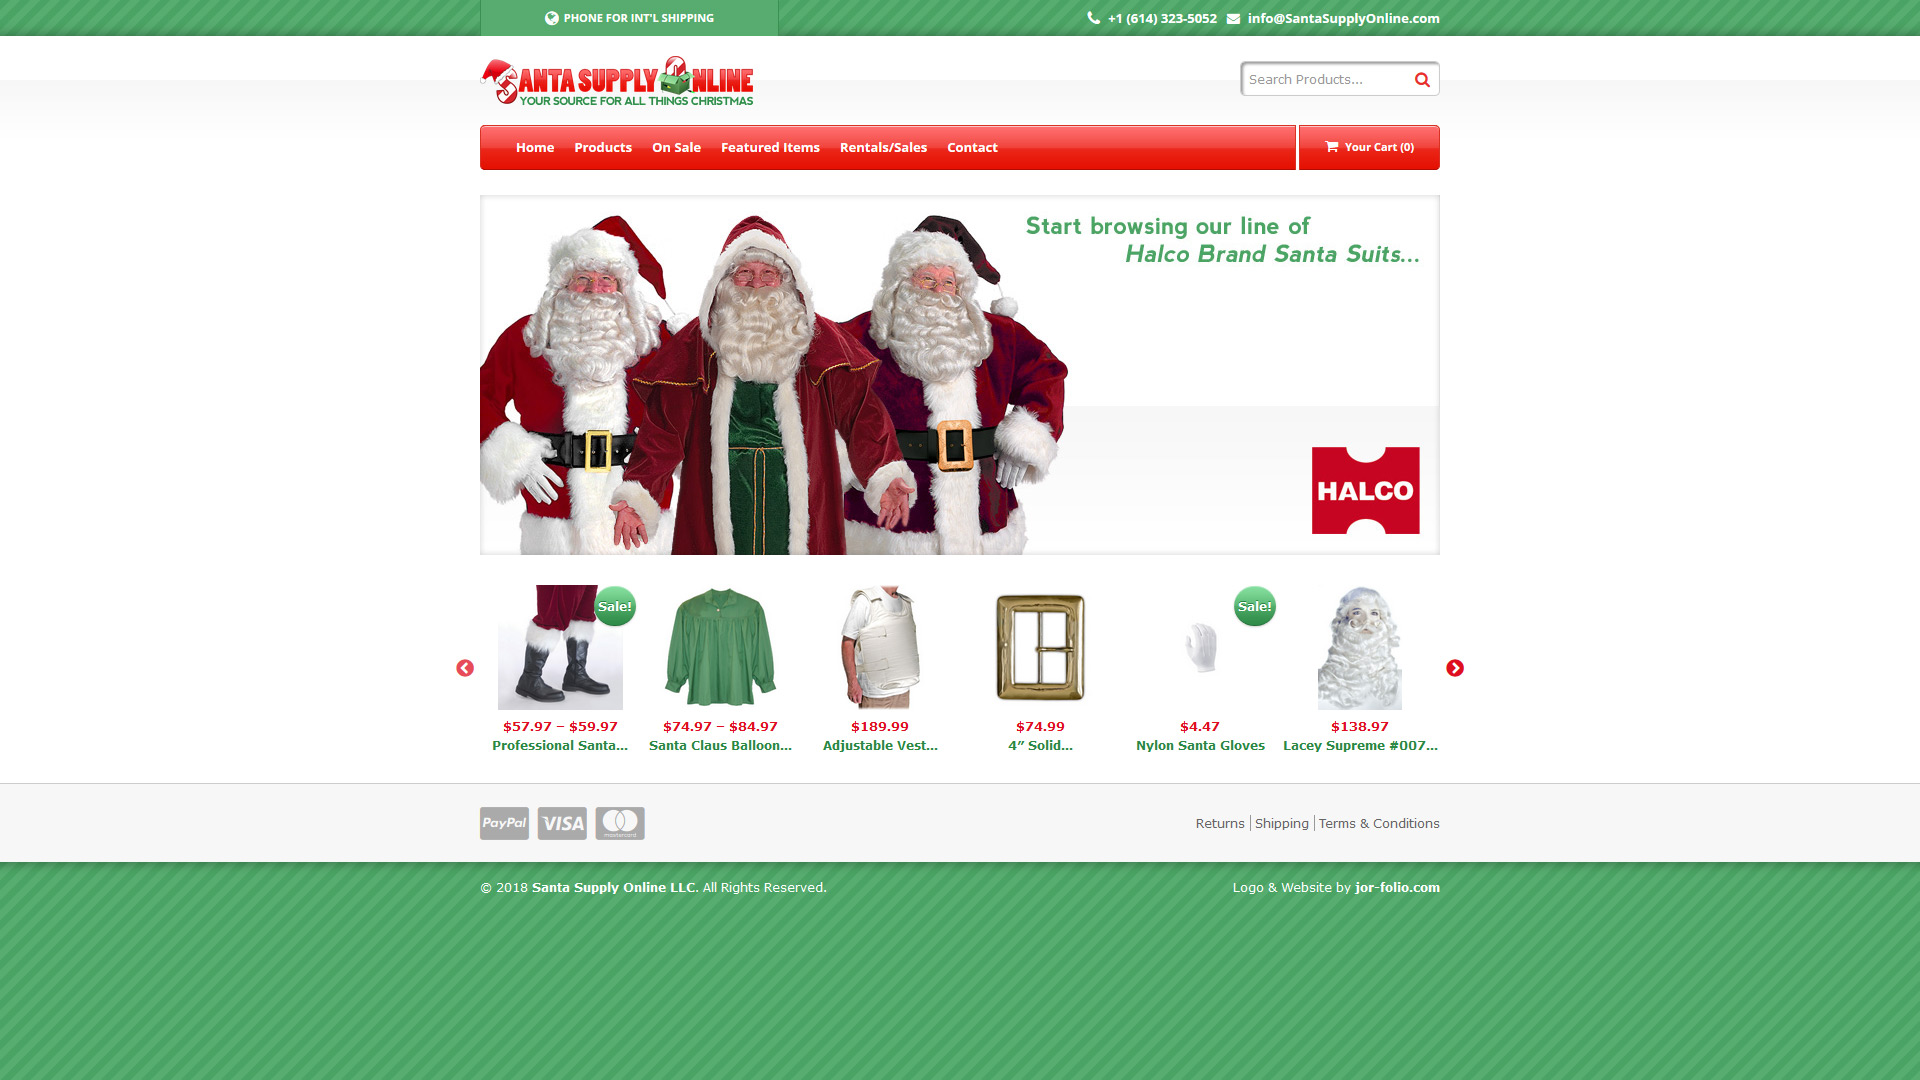 Santa Supply Online | http://santasupplyonline.com